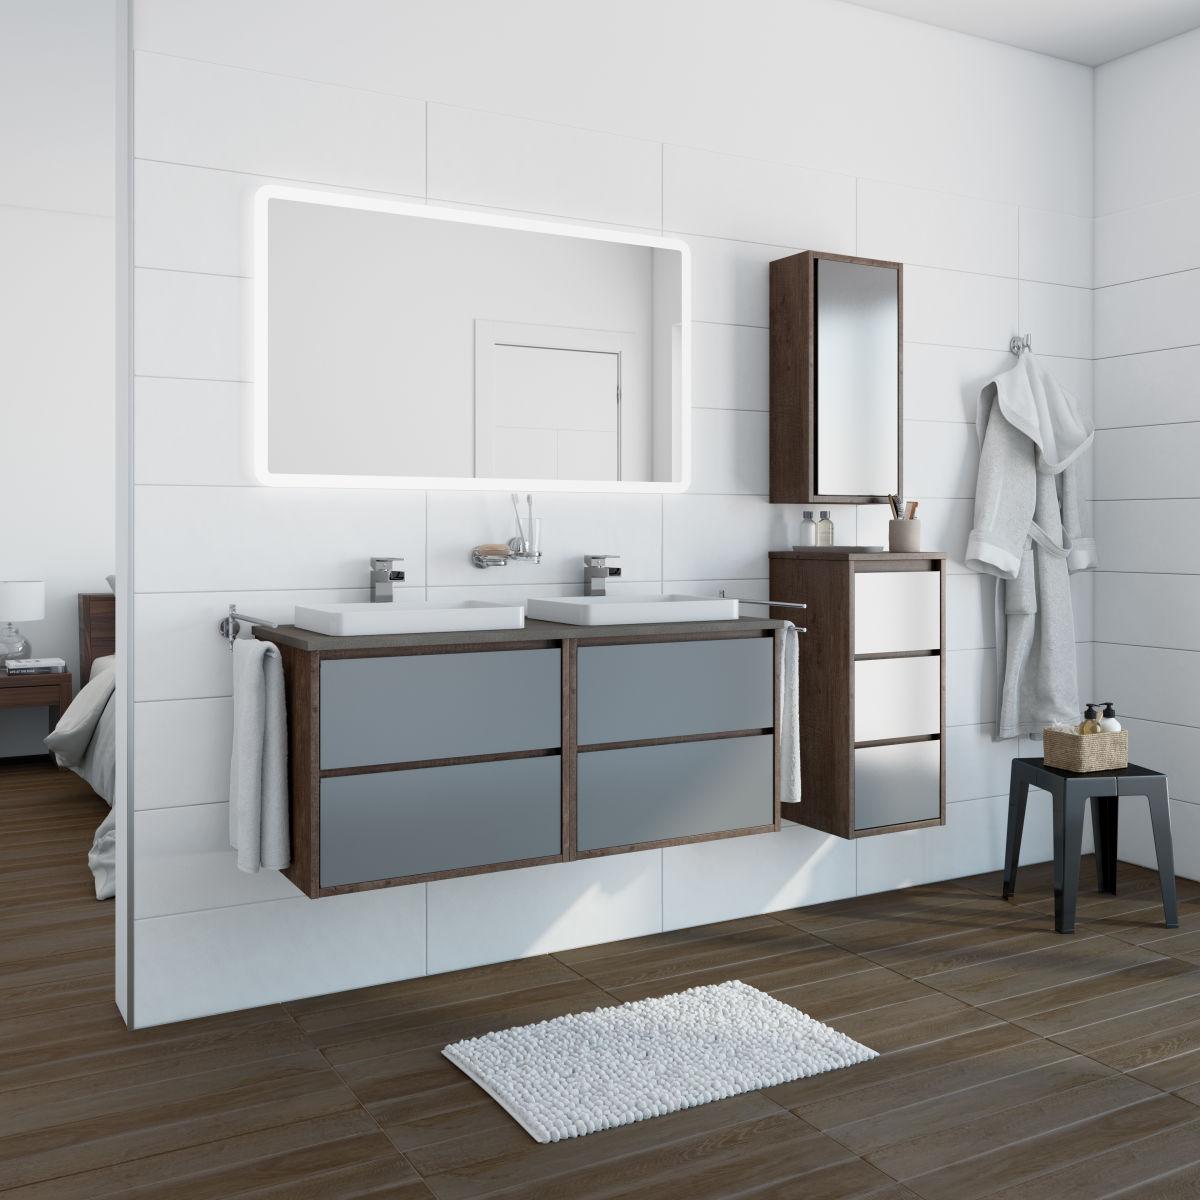 mobili bagno due lavelli ~ Comarg.com = Lussuoso Design del Bagno ...